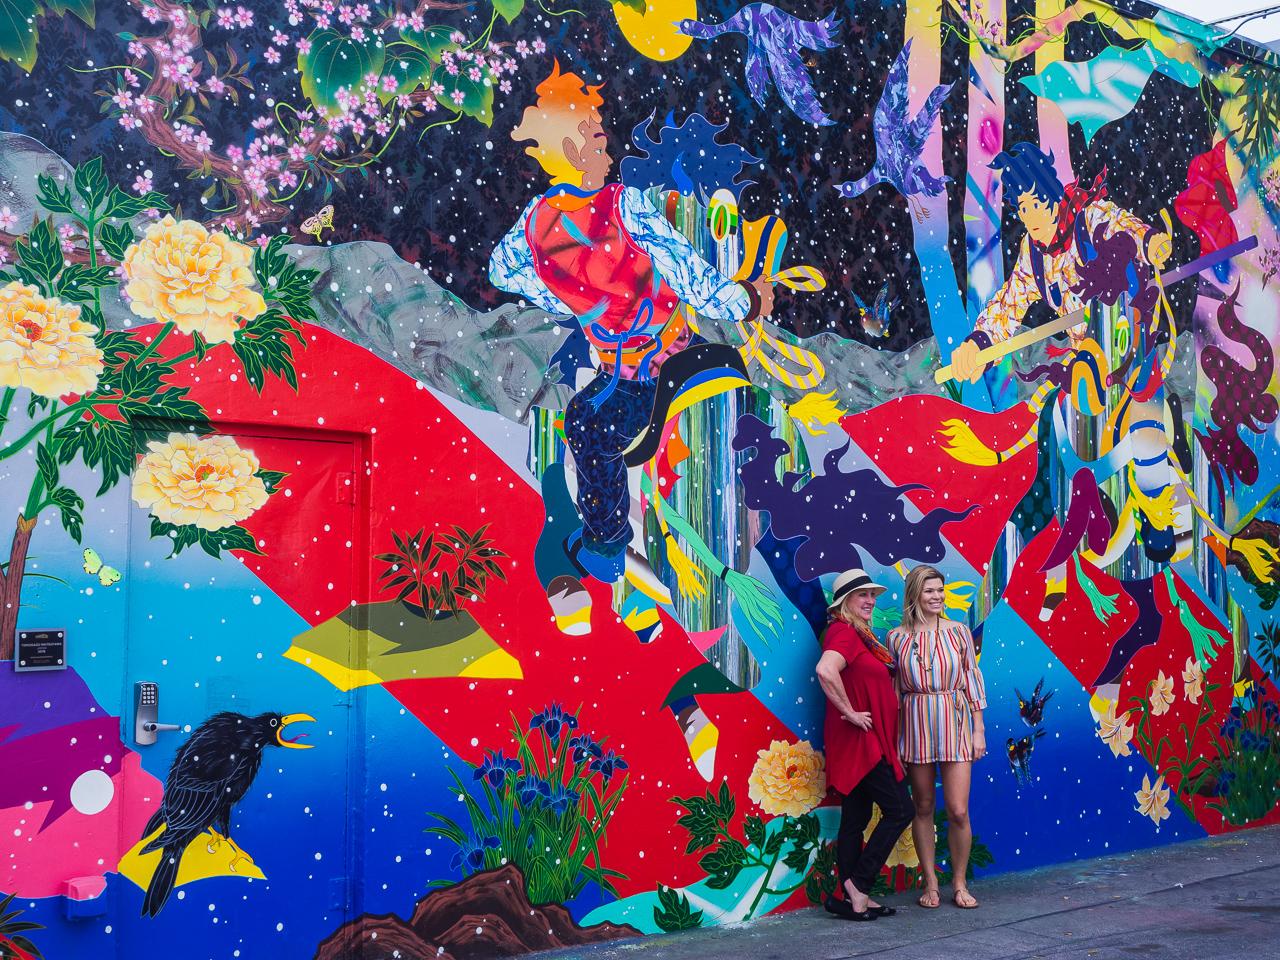 Miami, Wynwood Art District